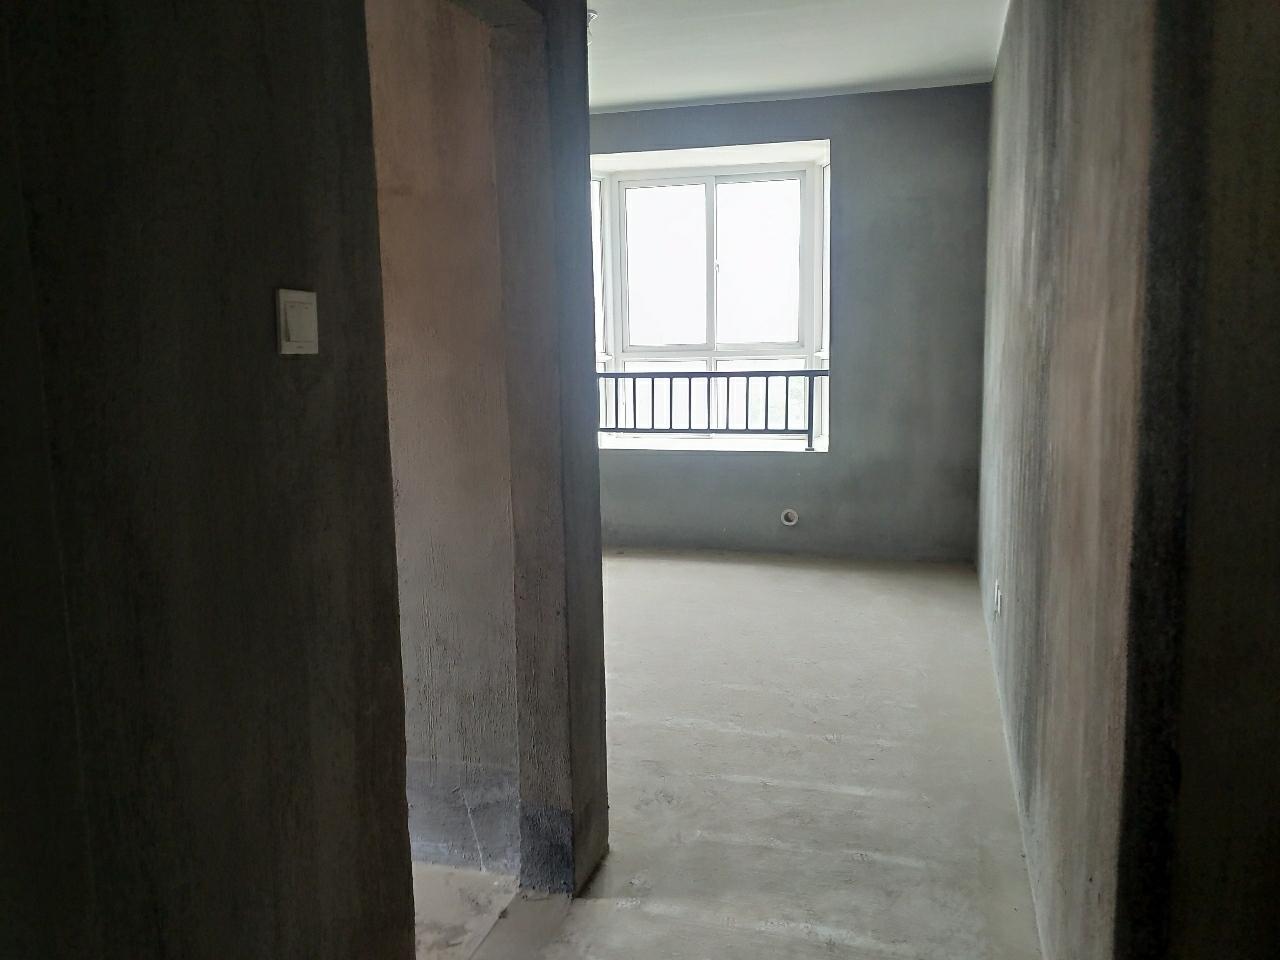 嘉泰步梯五樓東邊套3室2廳2衛70萬元